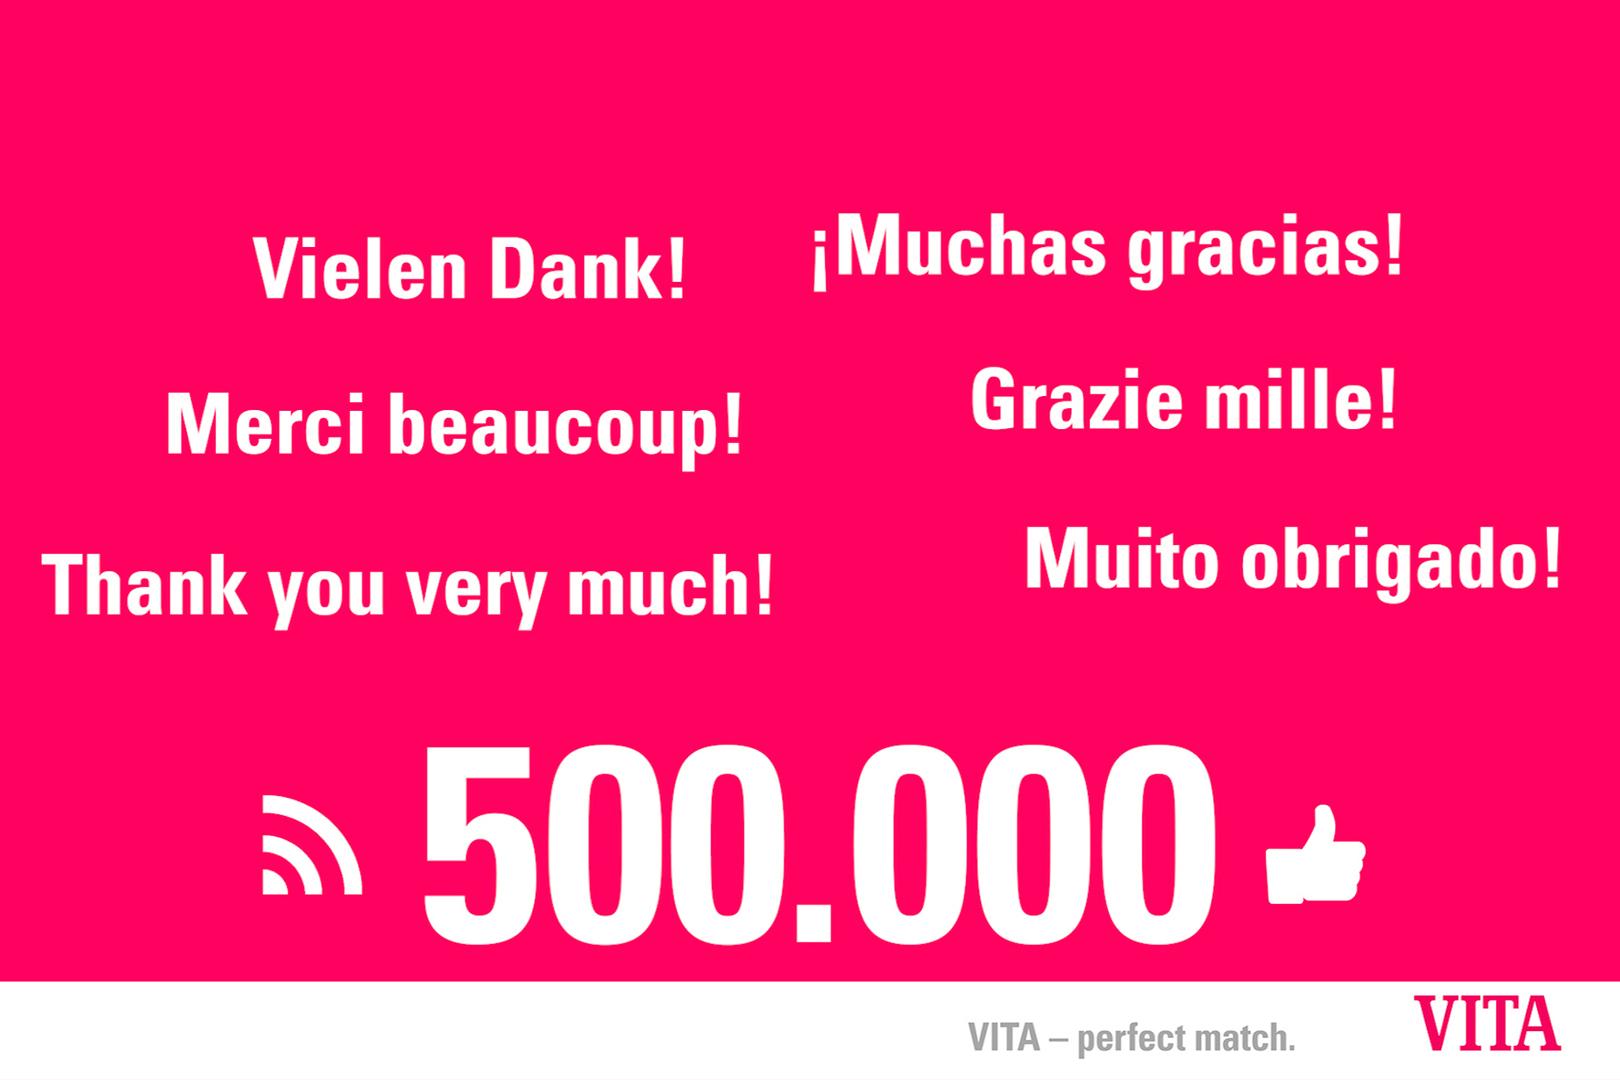 Die Facebook-Seite der VITA Zahnfabrik feiert 500.000 Likes.